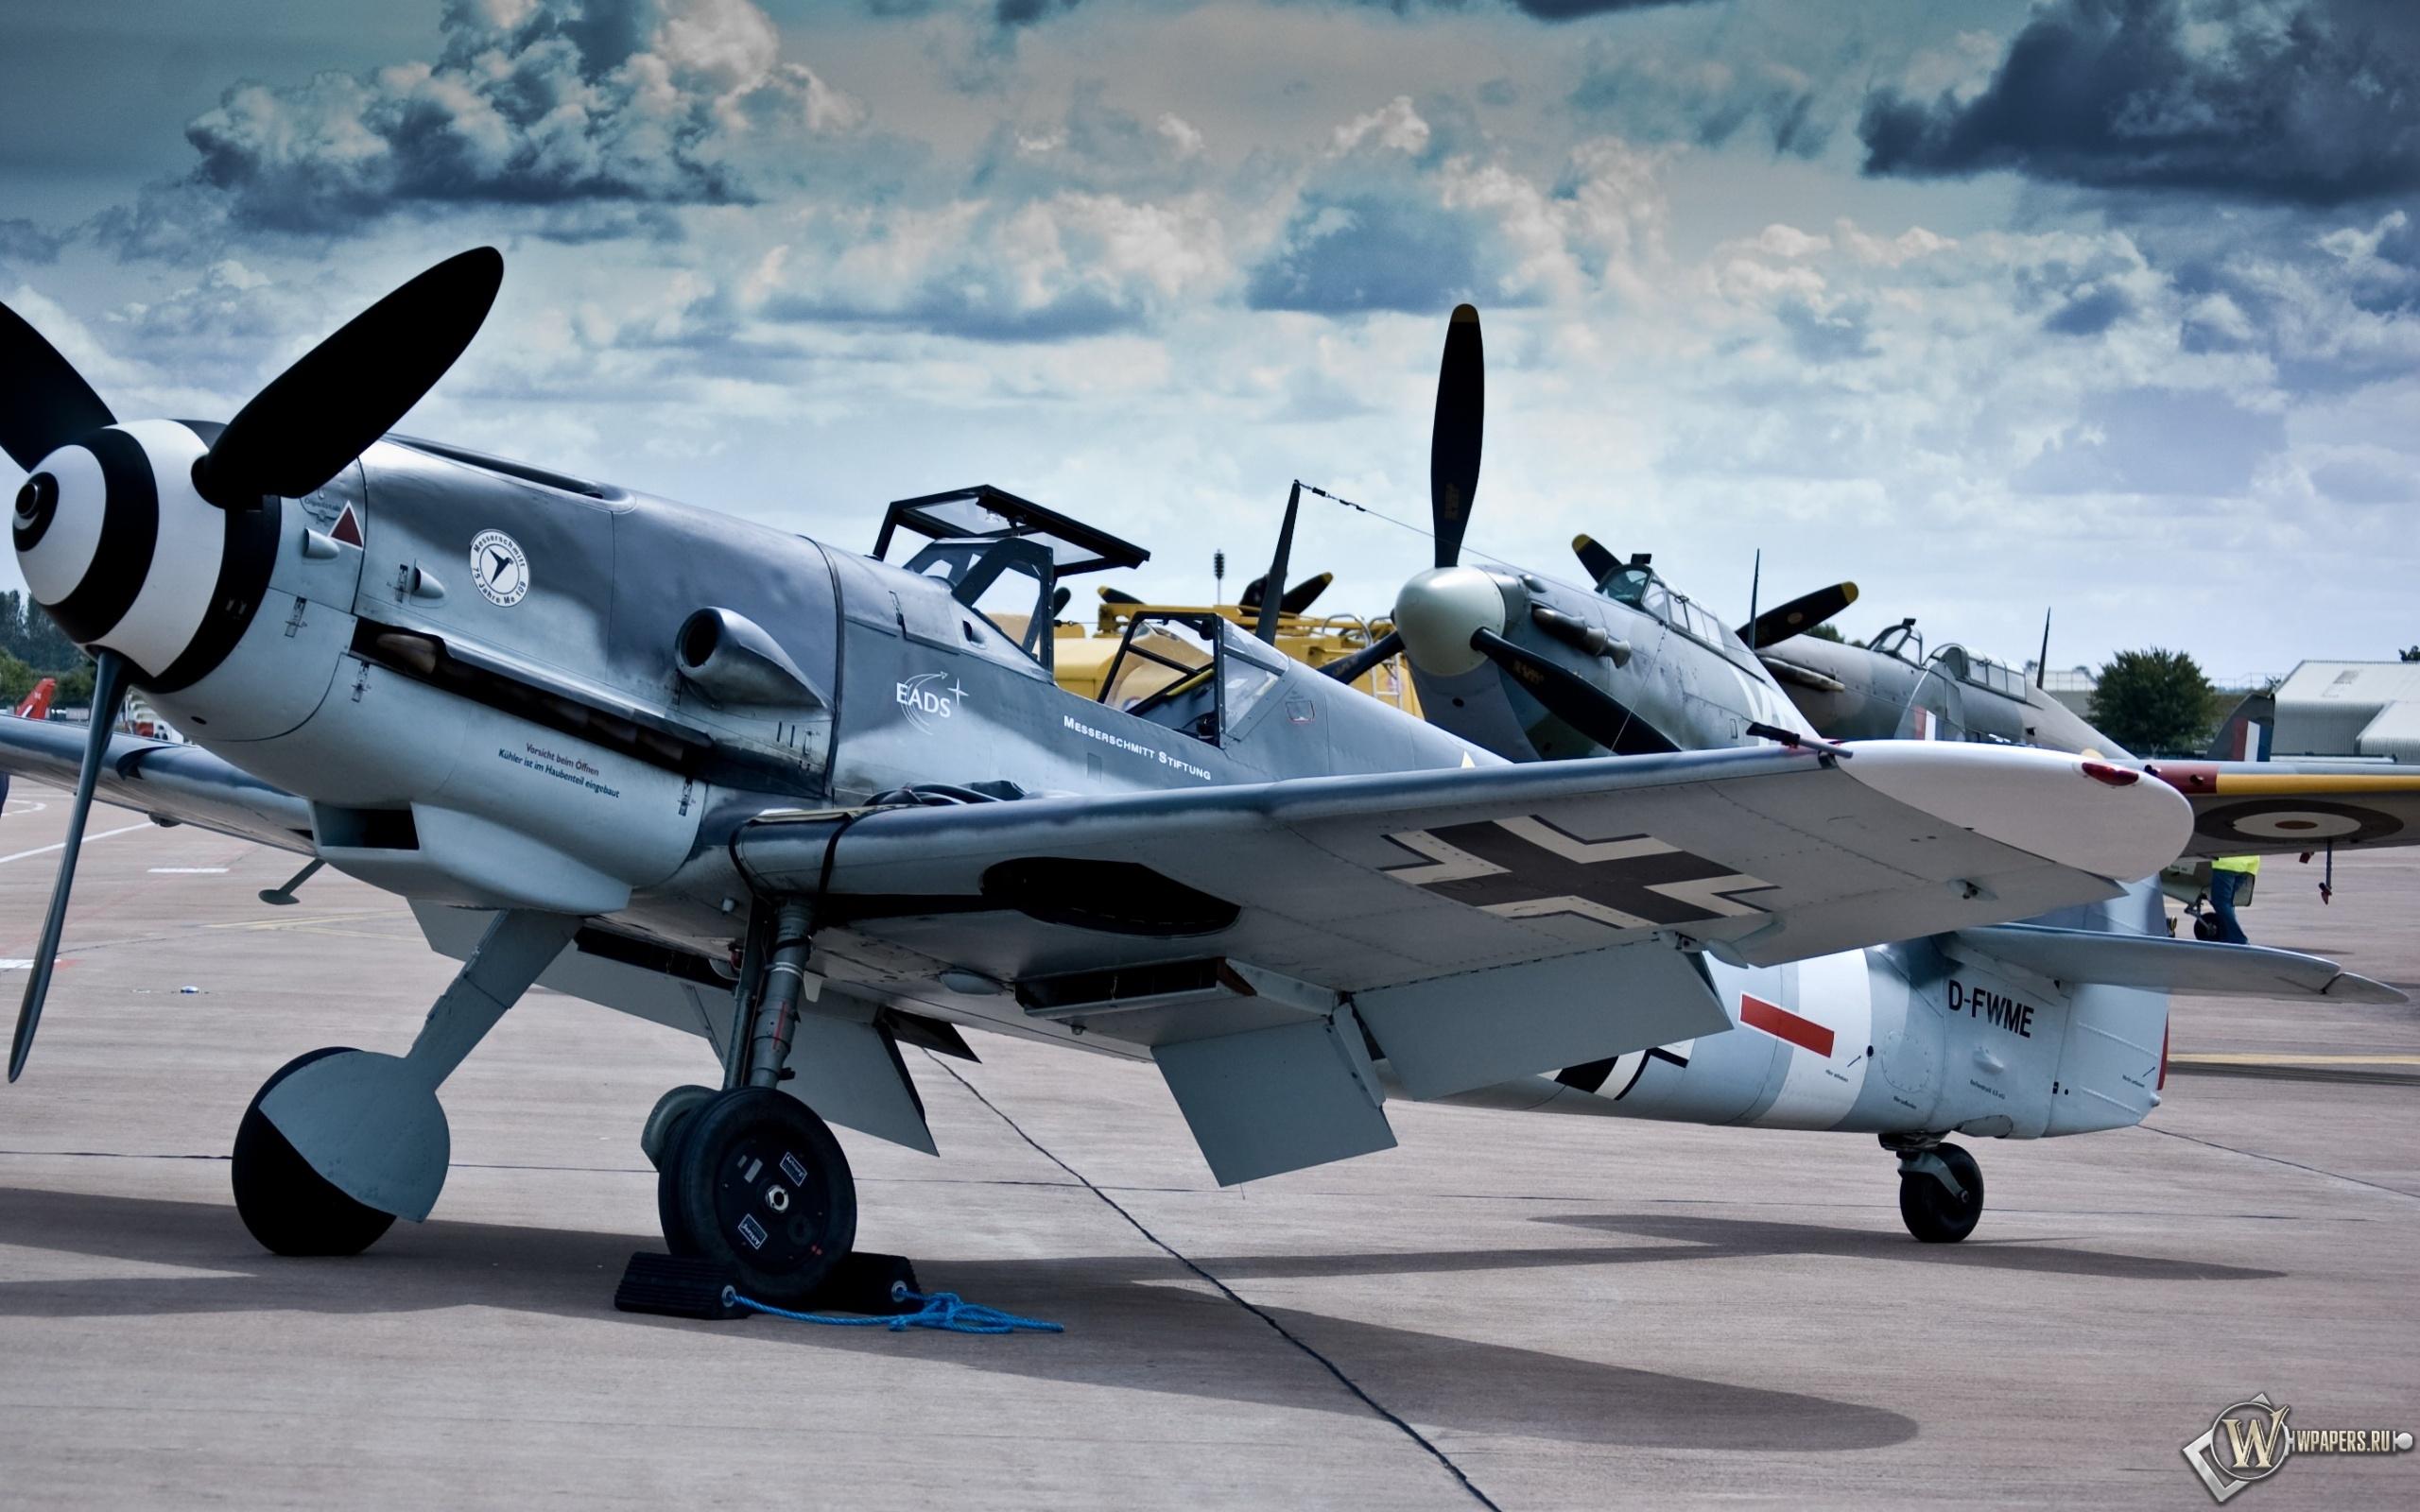 Messerschmitt Bf-109 (Me-109) 2560x1600